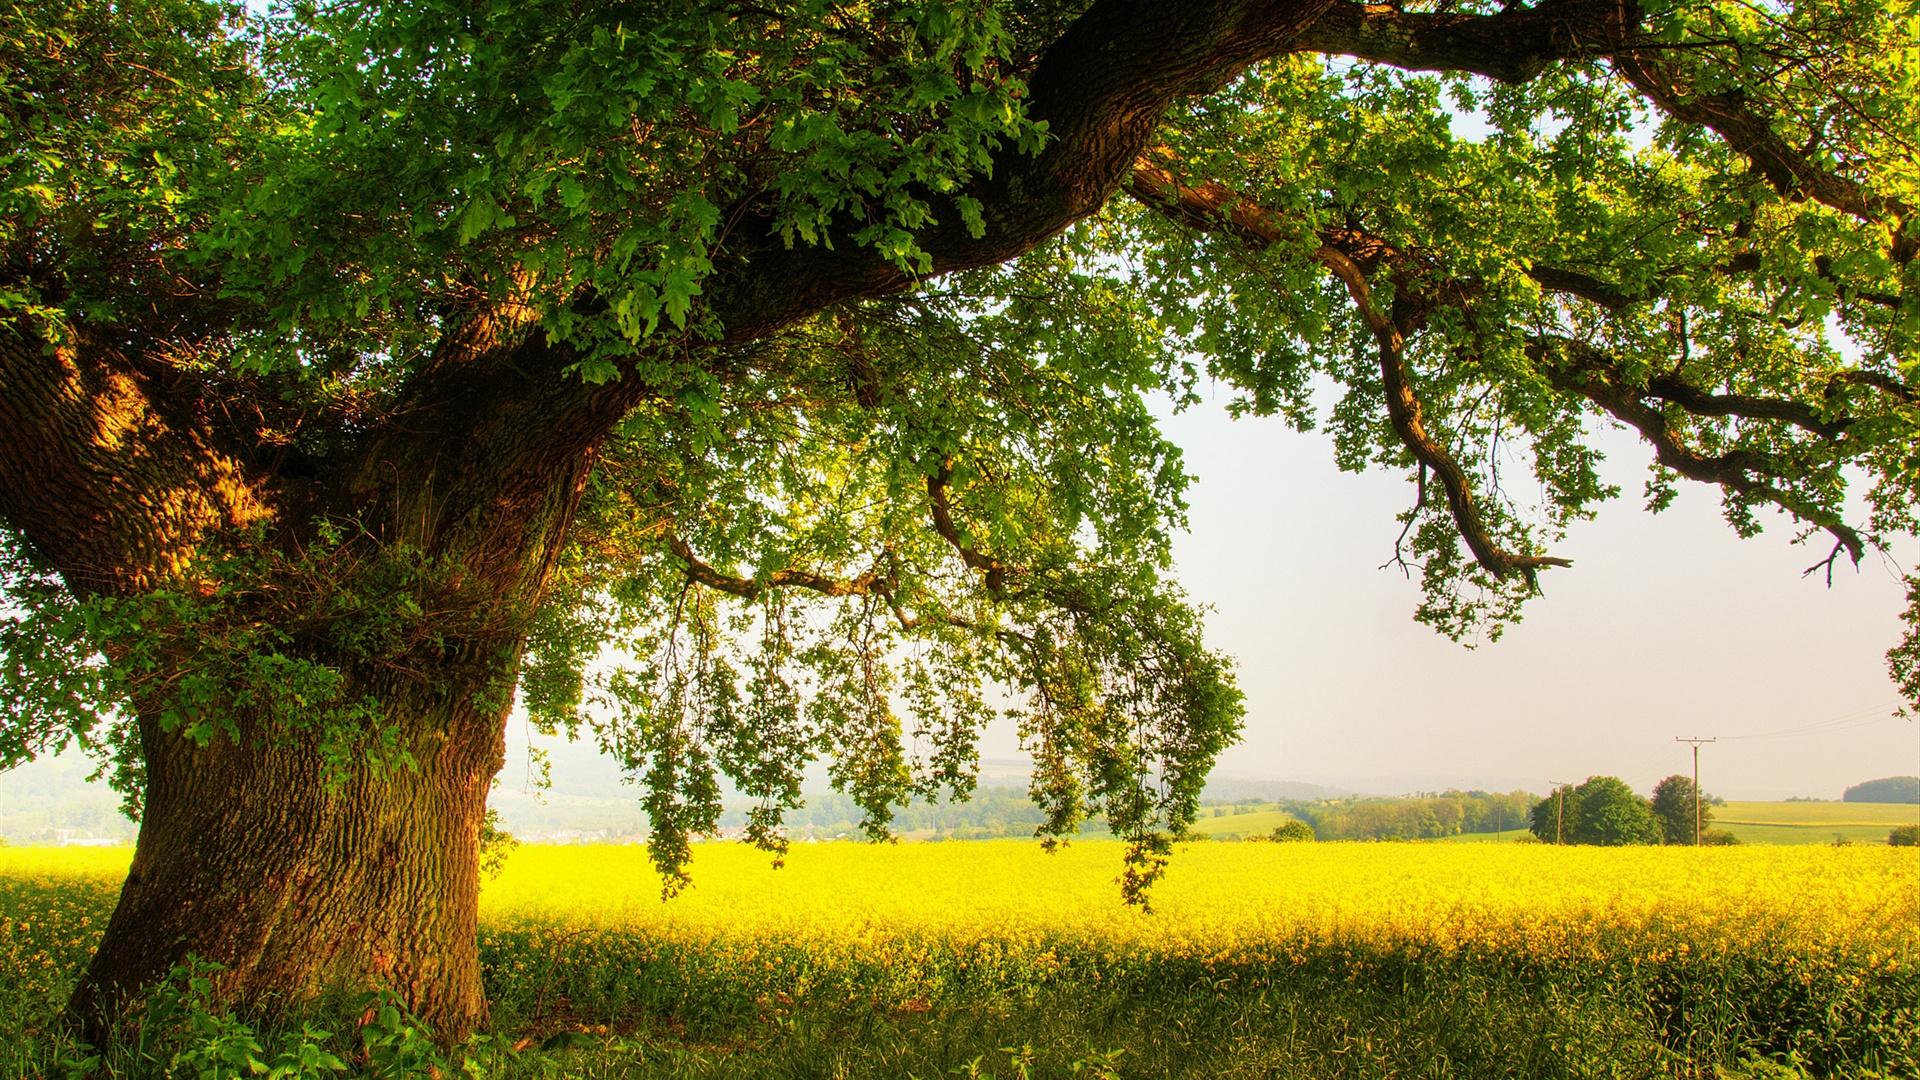 Oak Tree Wallpaper HD 32960 1920x1080 px HDWallSourcecom 1920x1080